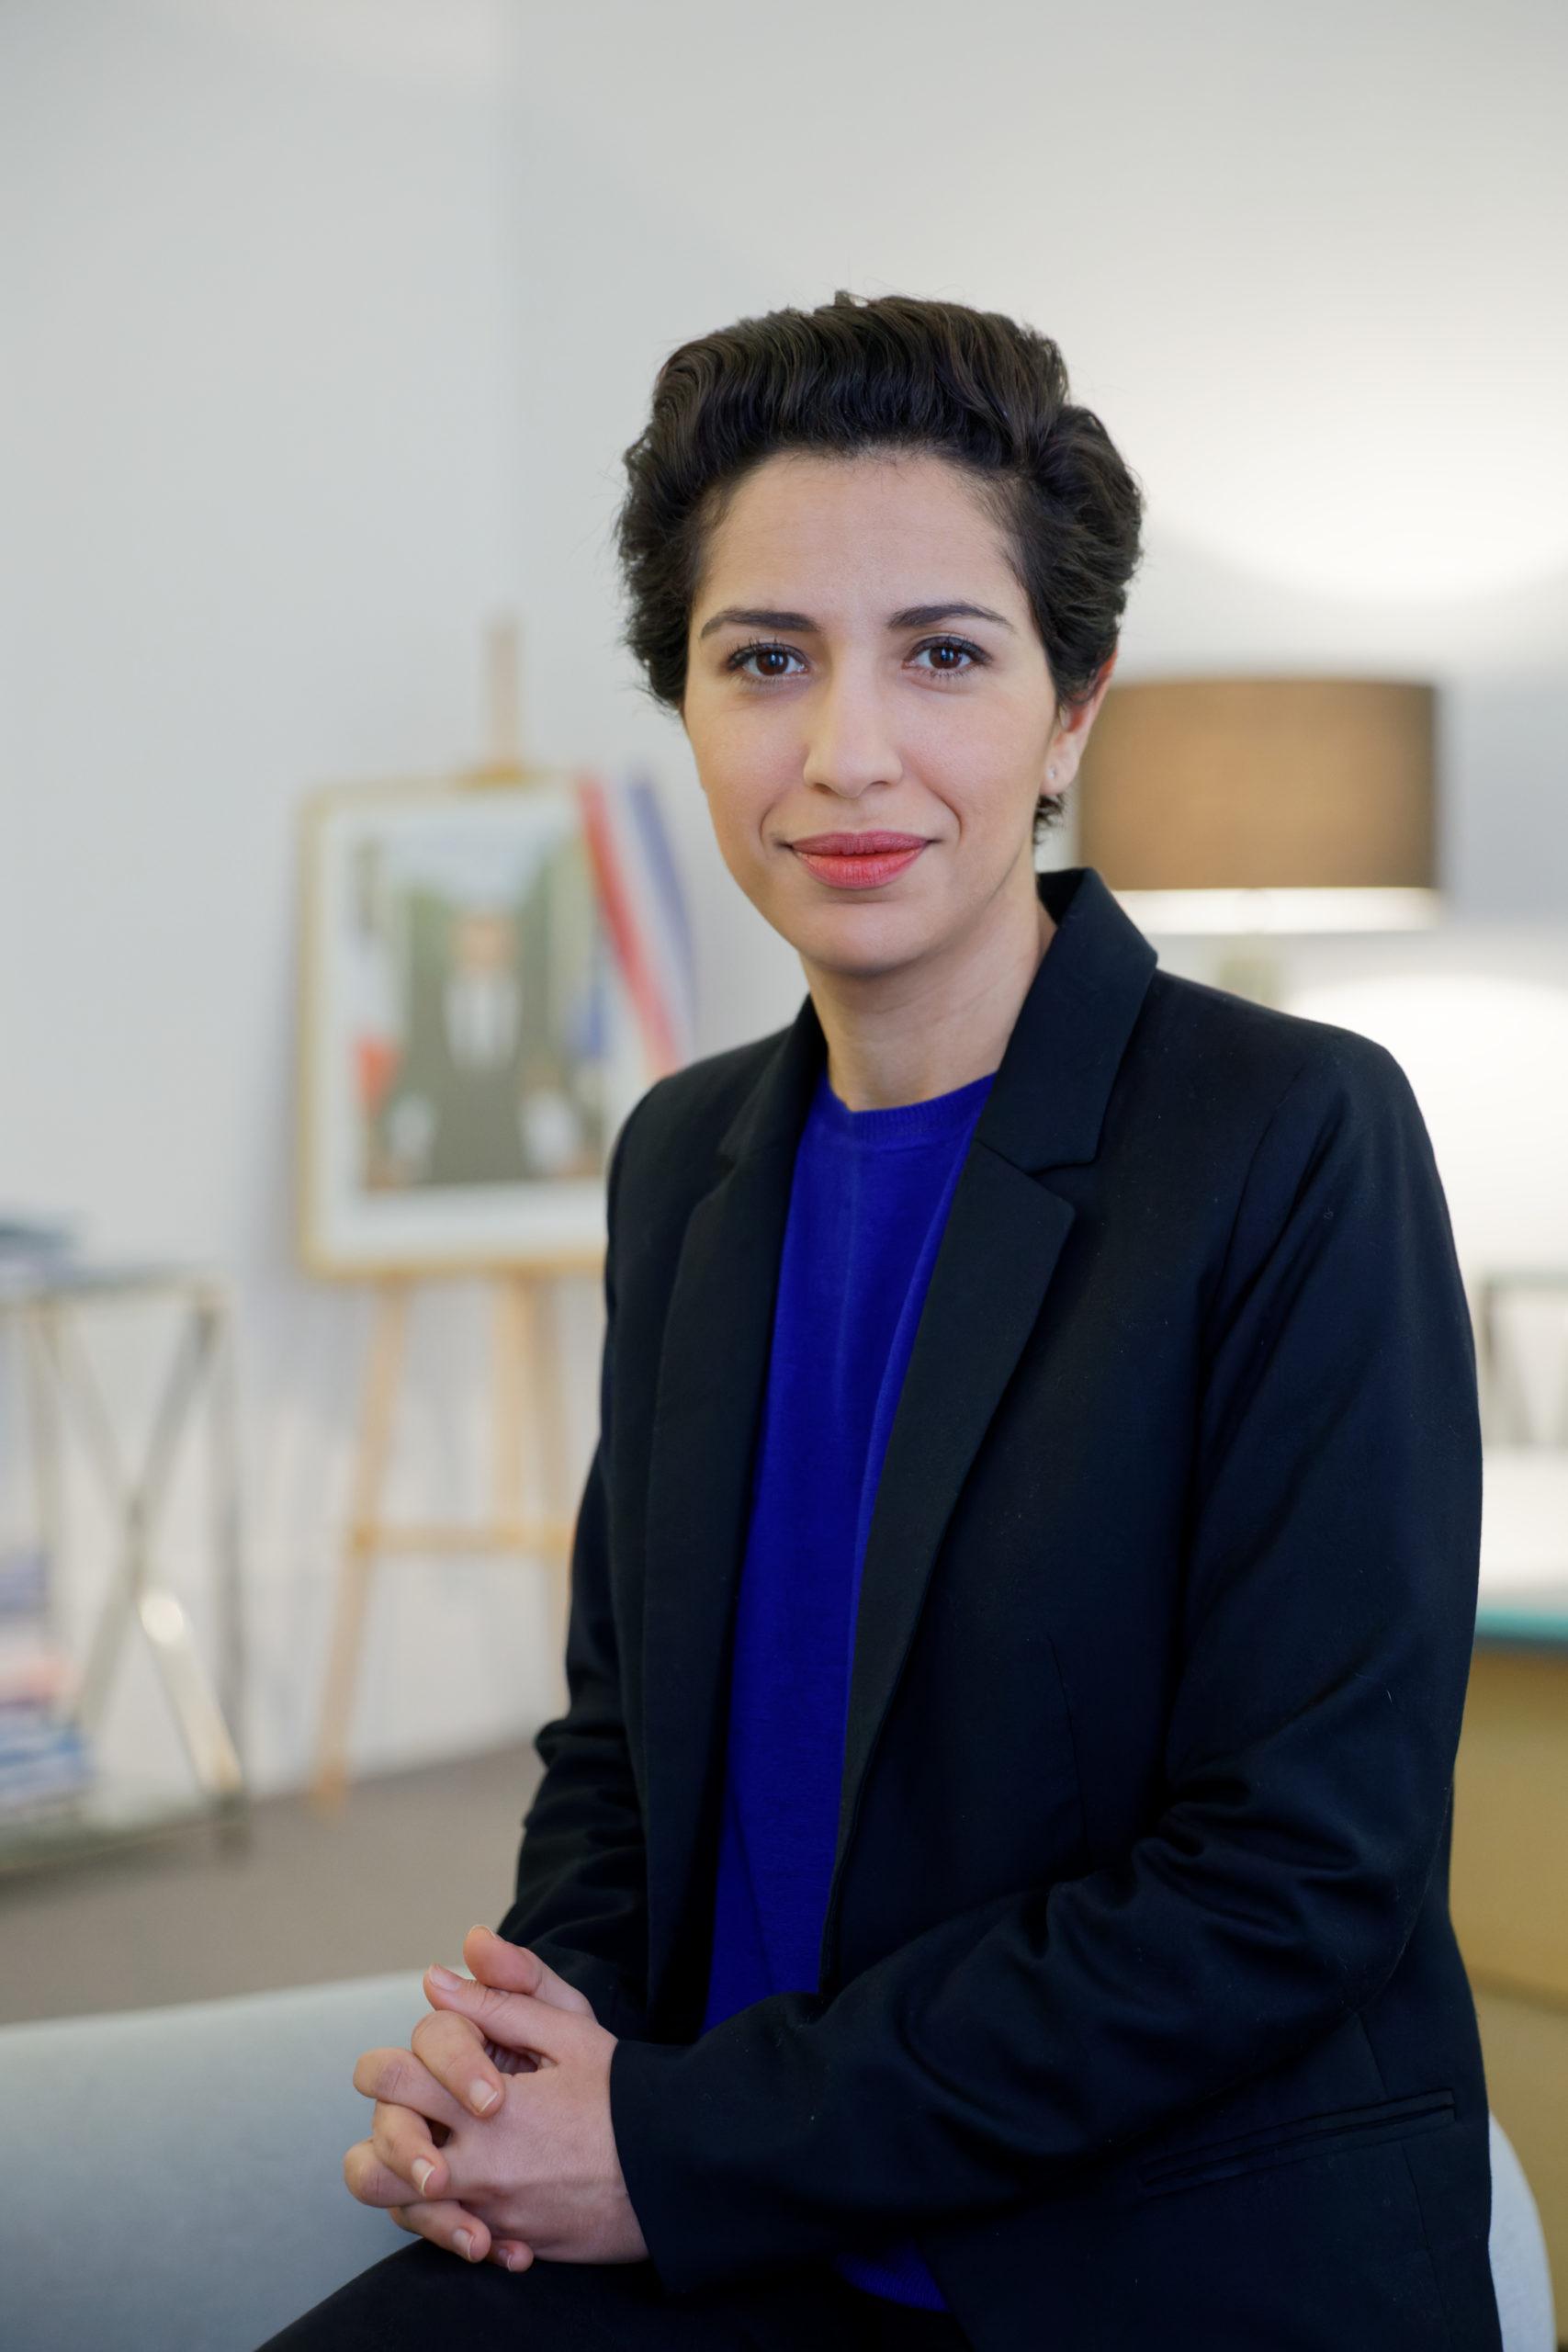 Mme Sarah El Haïry, Secrétaire d'État chargée de la Jeunesse et de l'Engagement - ©Philippe Devernay